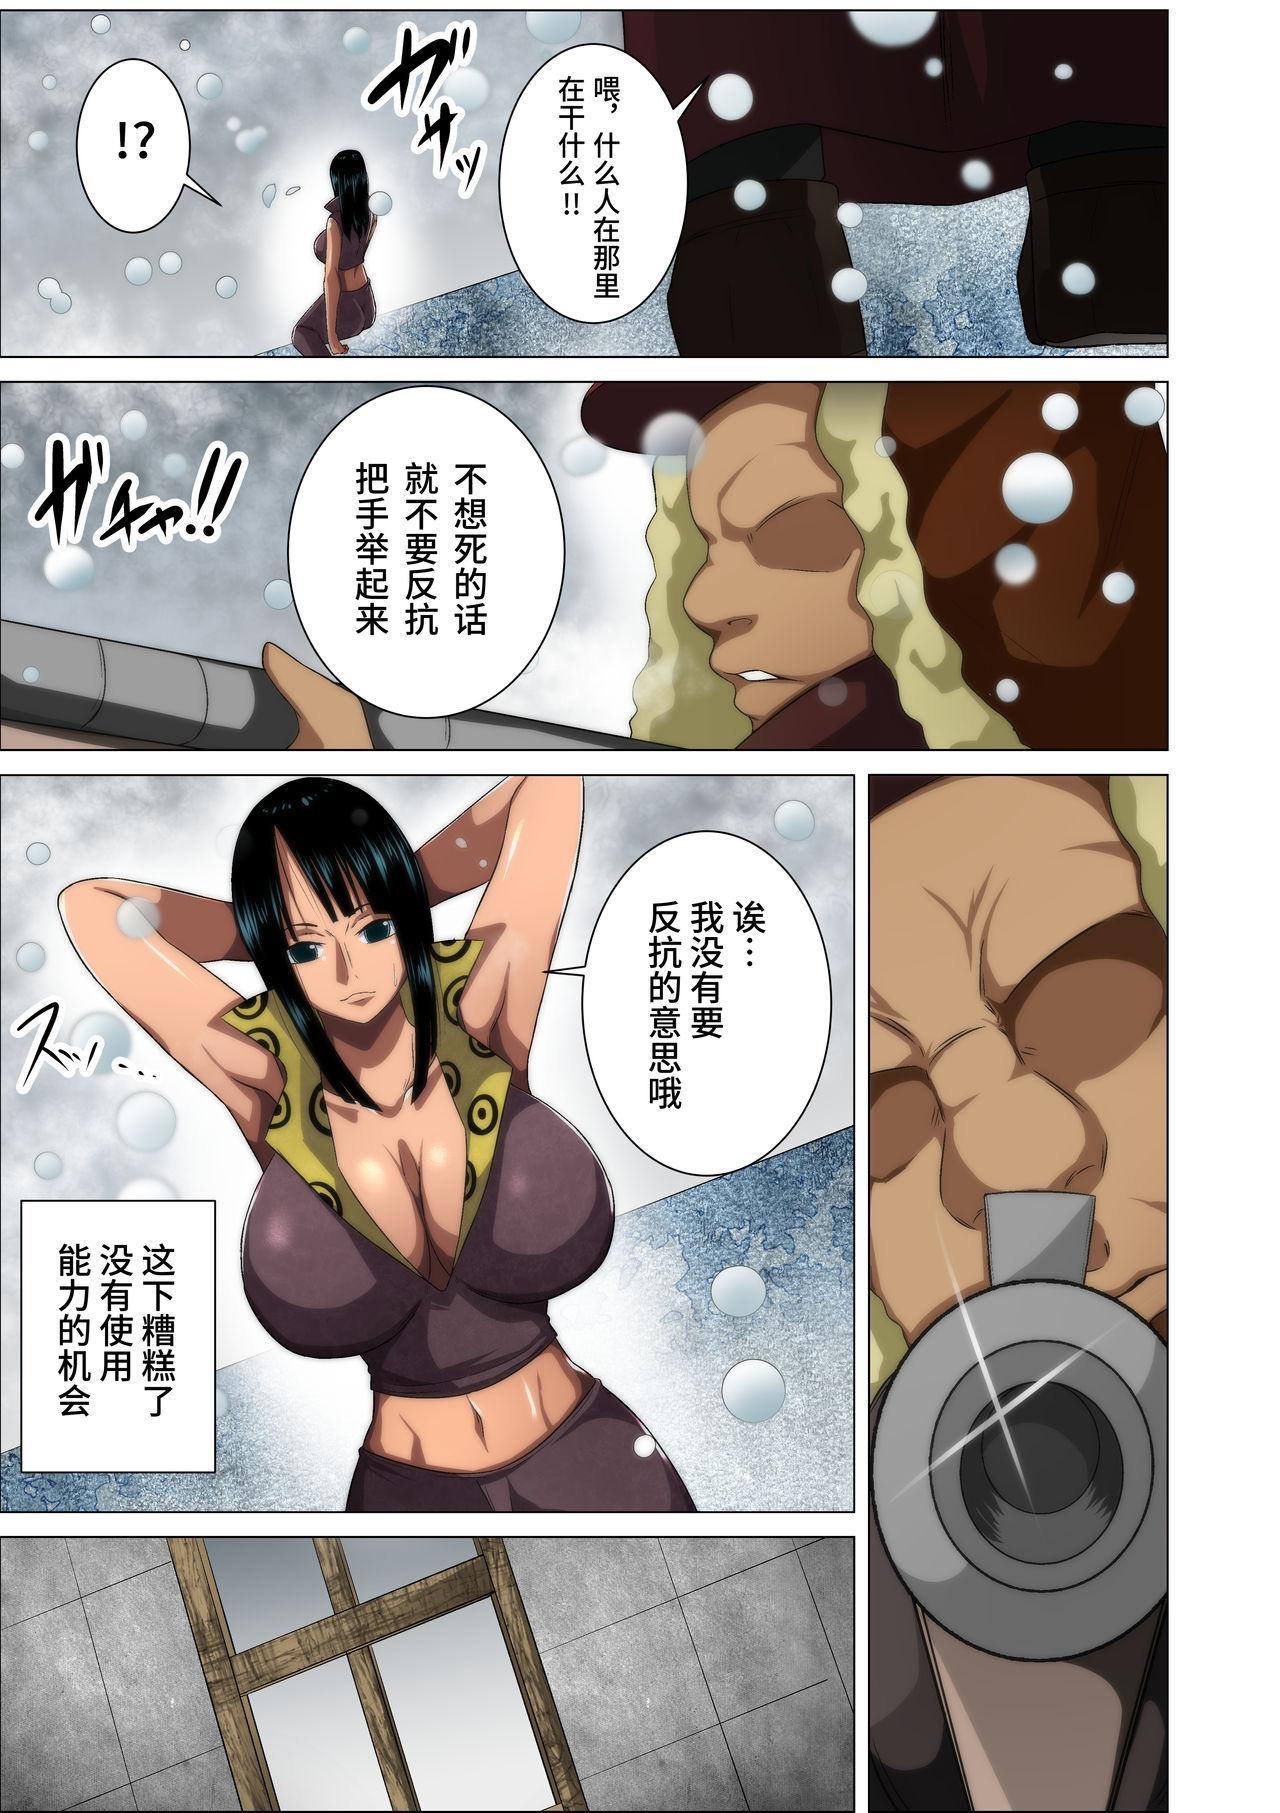 Torawareta Bakunyuu Kaizoku no Matsuro | The Fate Of The Captured Big Breasted Pirate 2